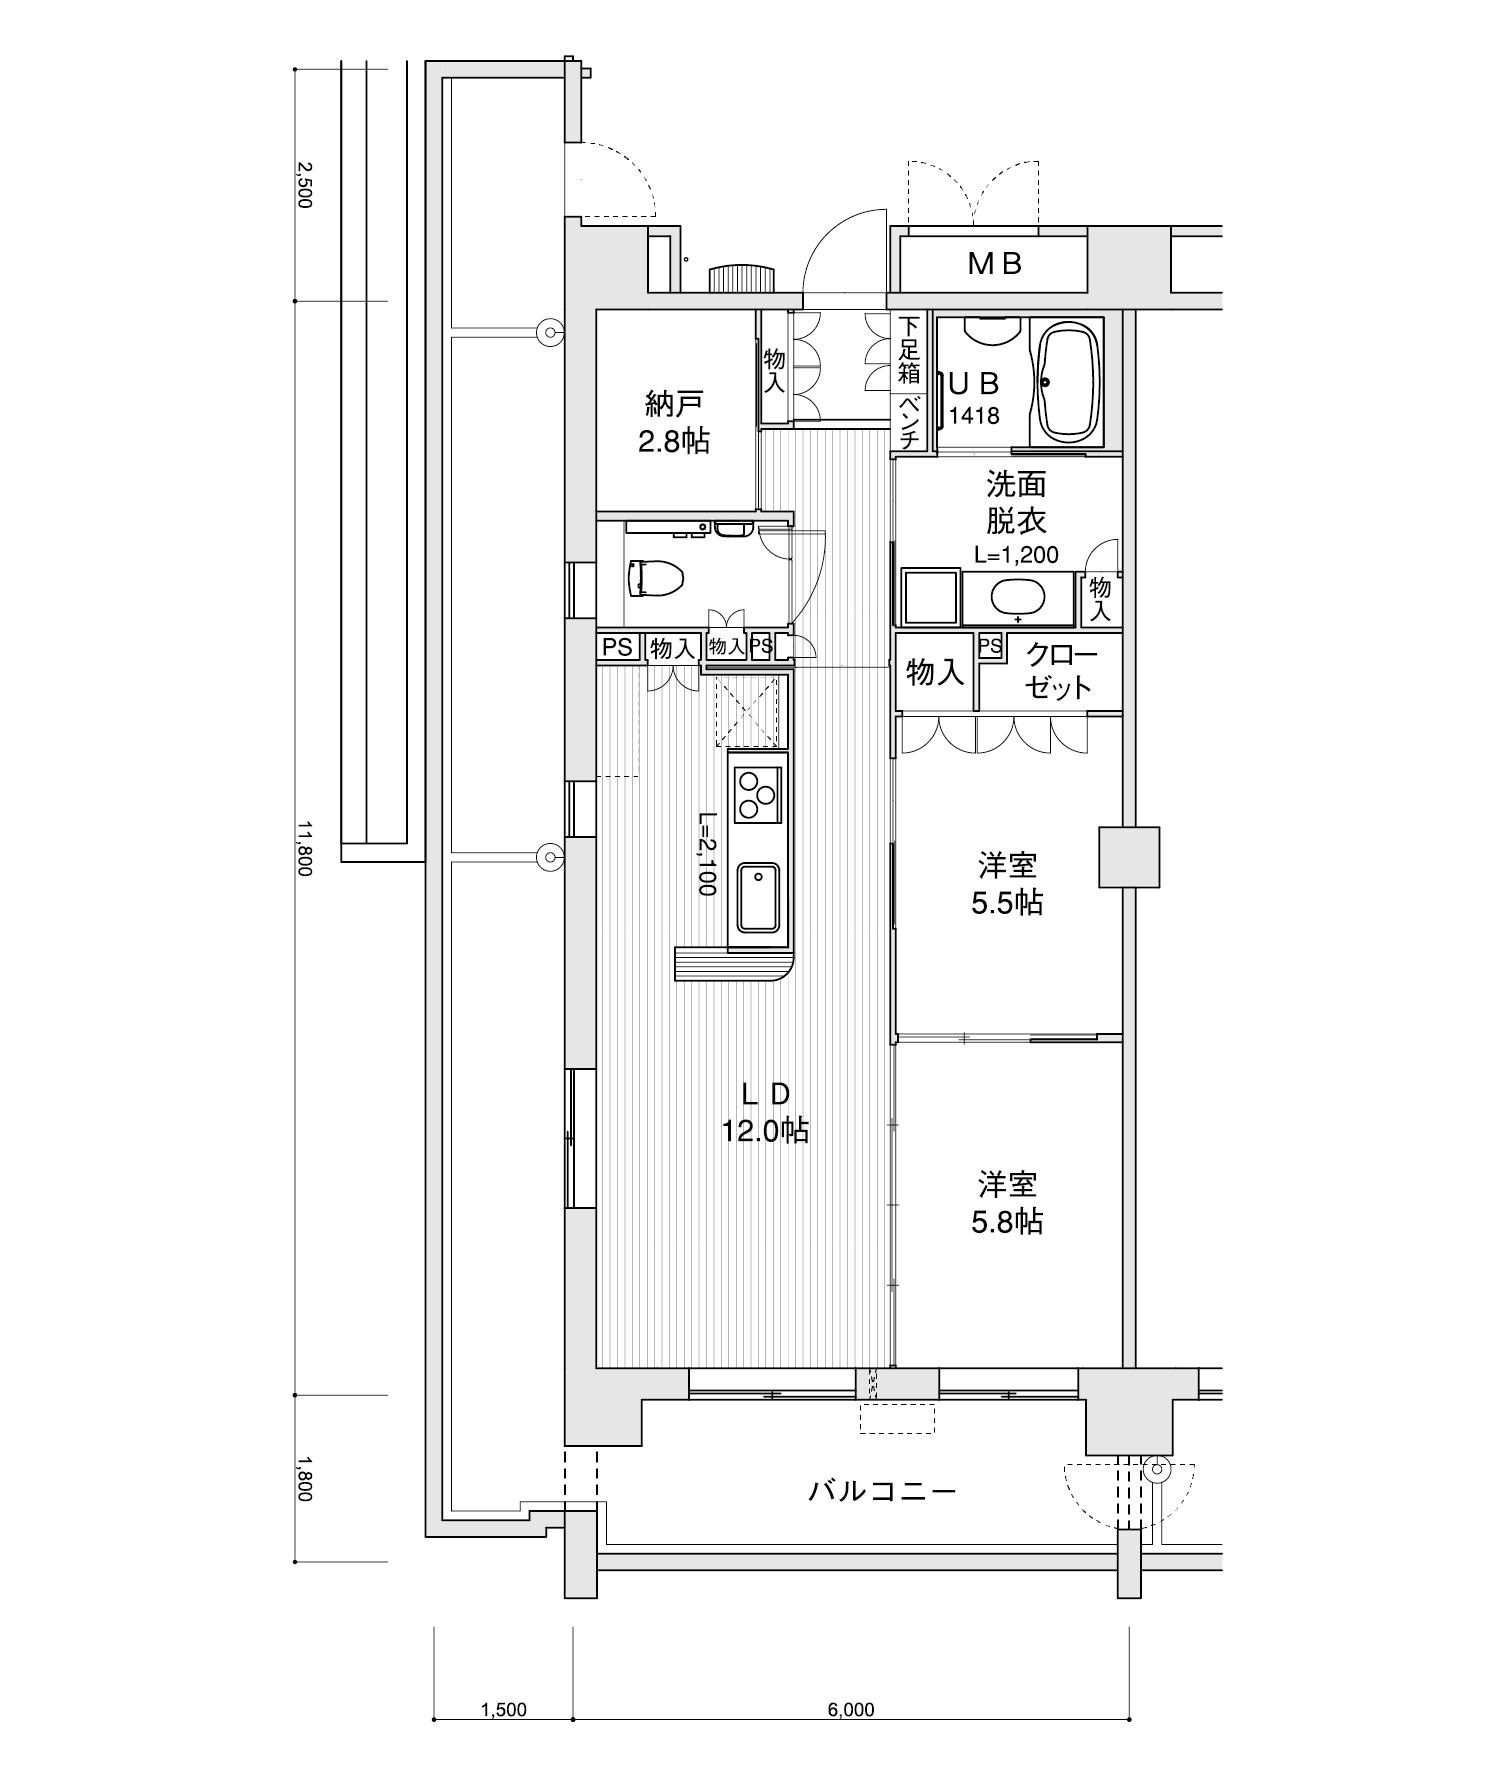 801-E22LDK+納戸専有面積 / 70.80m²